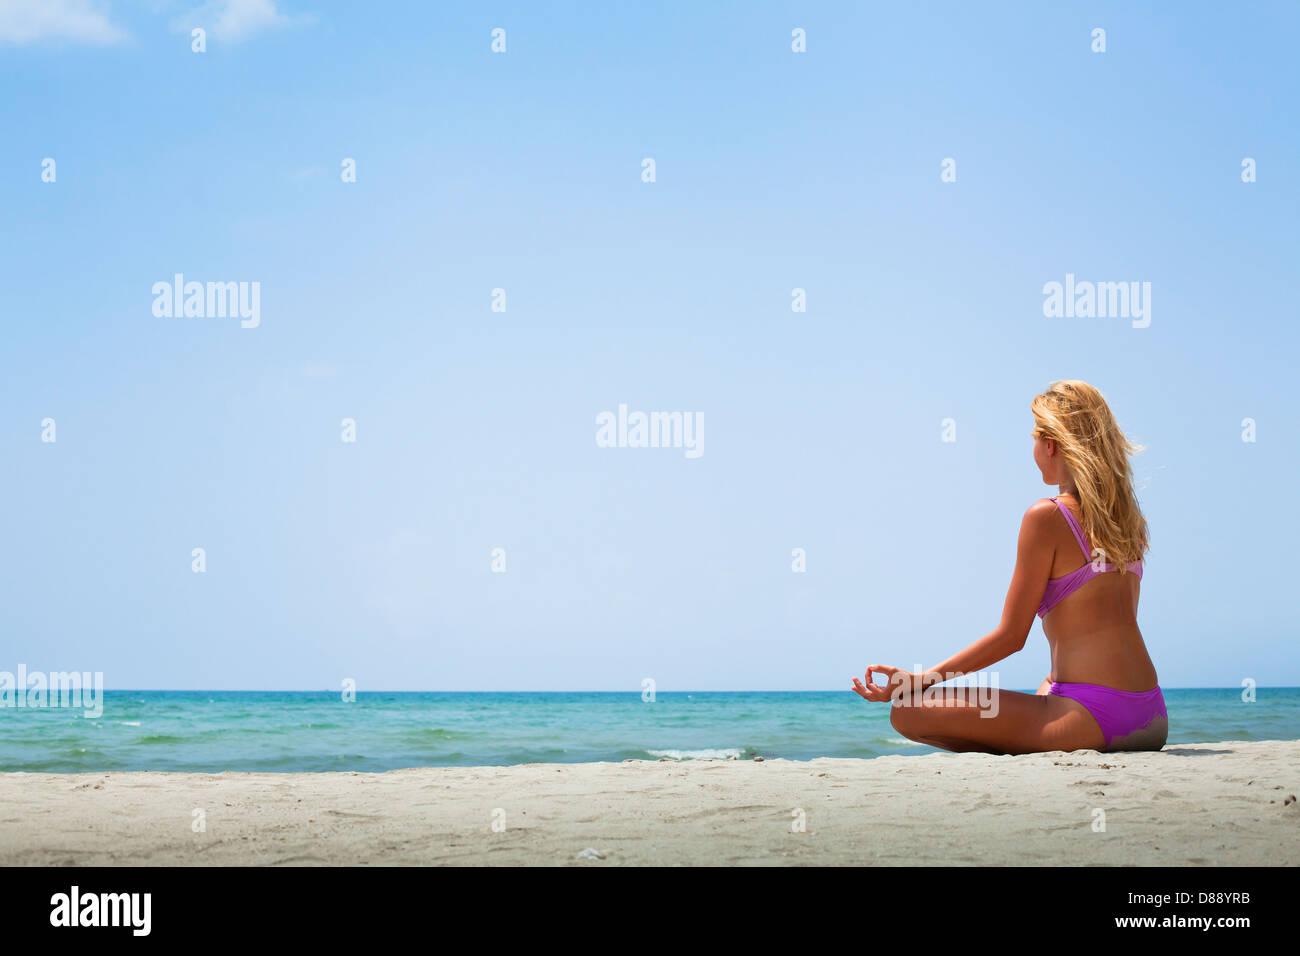 Yoga nella giornata di sole sulla spiaggia Immagini Stock